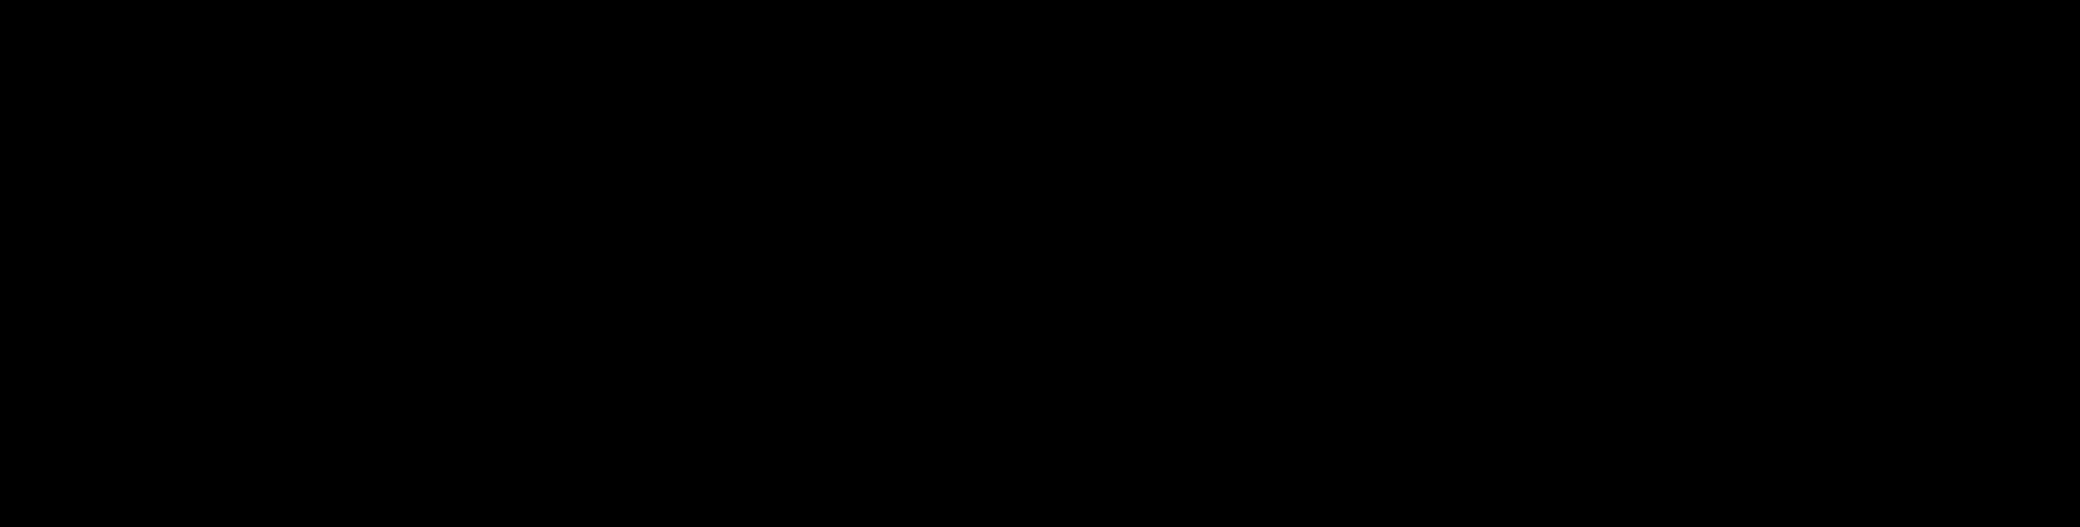 一张显示器连接图示,展示了通过某品牌连接线将搭载 M1 芯片的 MacBook Pro 通过 USB-C 接口与小米 27 寸 165Hz 显示器的 DisplayPort 接口进行连接